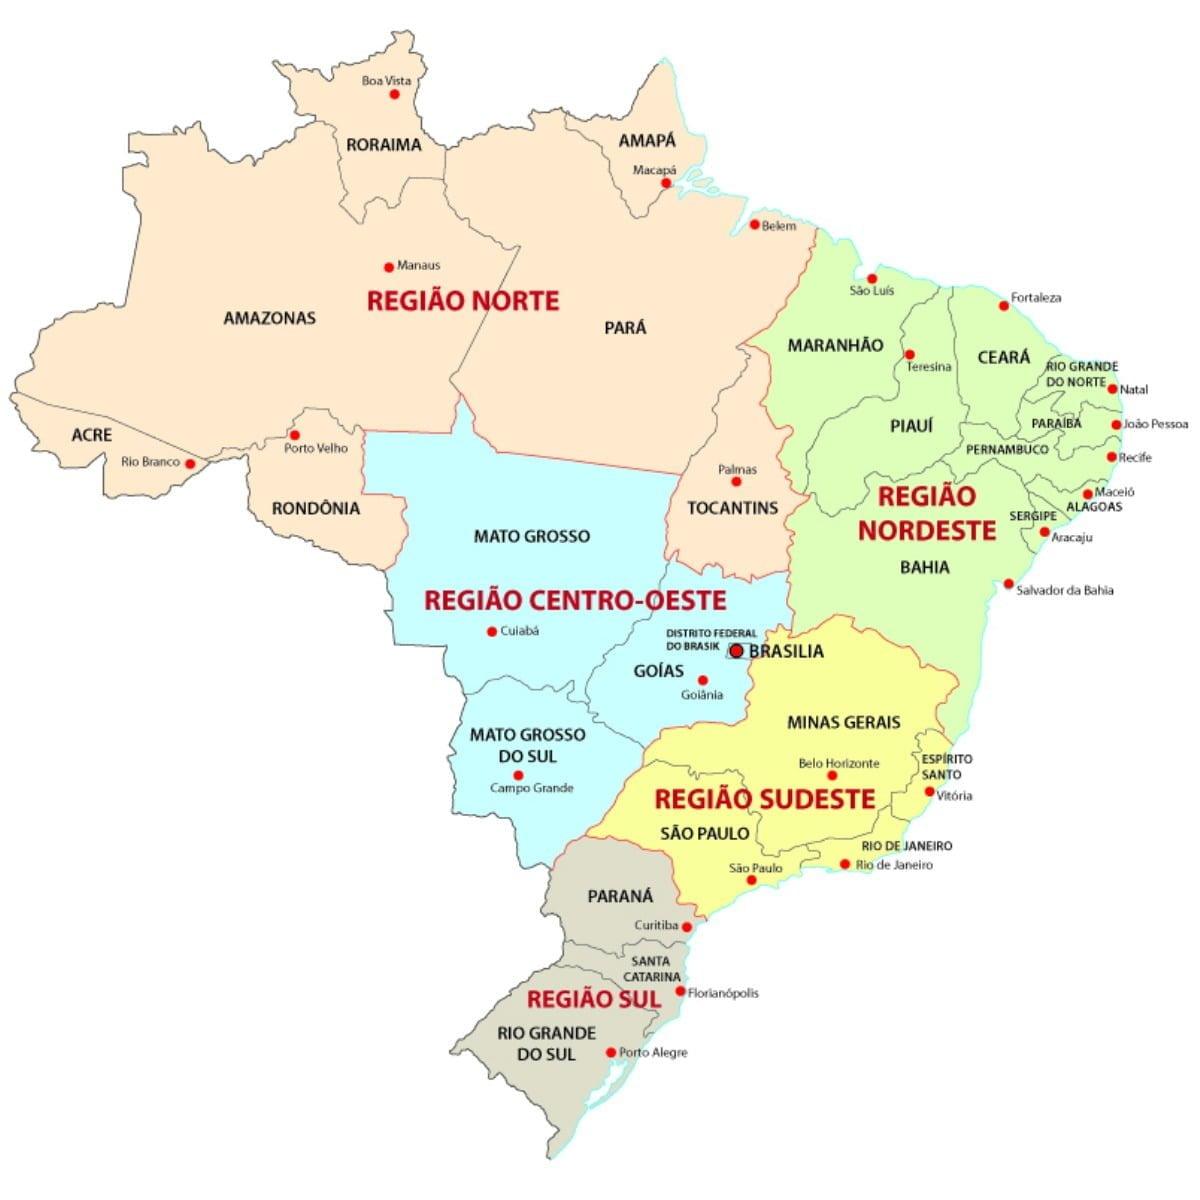 Brazilië heeft 26 staten en 1 federaal district verdeeld onder 5 regio's